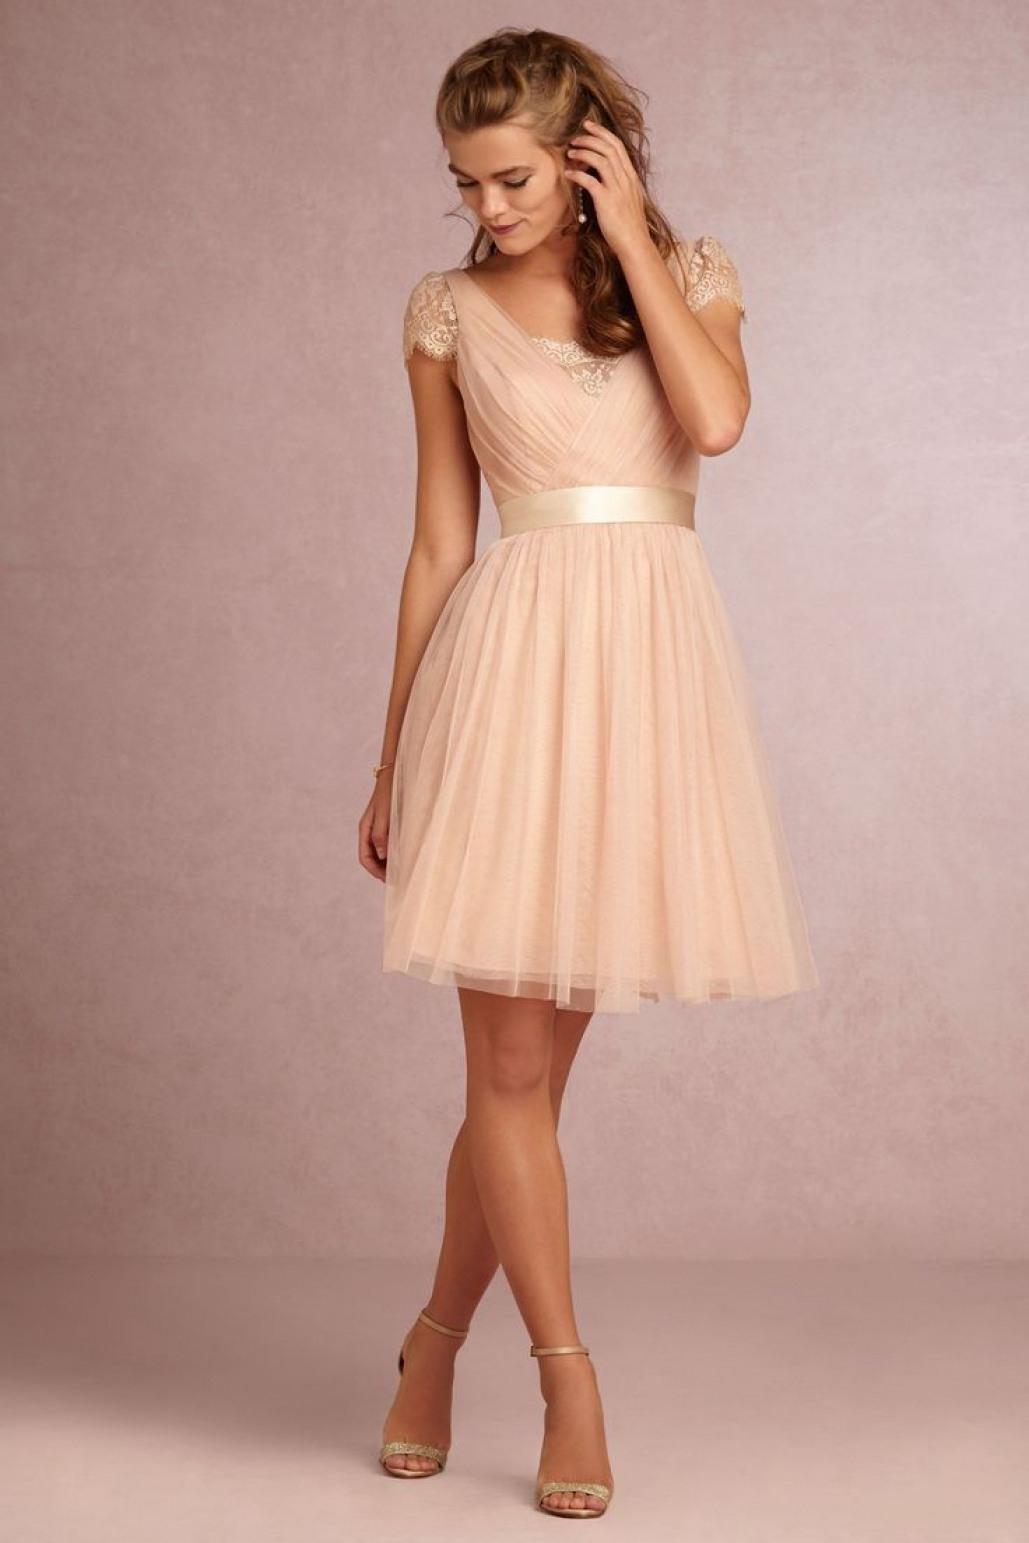 Formal Fantastisch Rosa Kleid Hochzeitsgast BoutiqueFormal Luxurius Rosa Kleid Hochzeitsgast Vertrieb